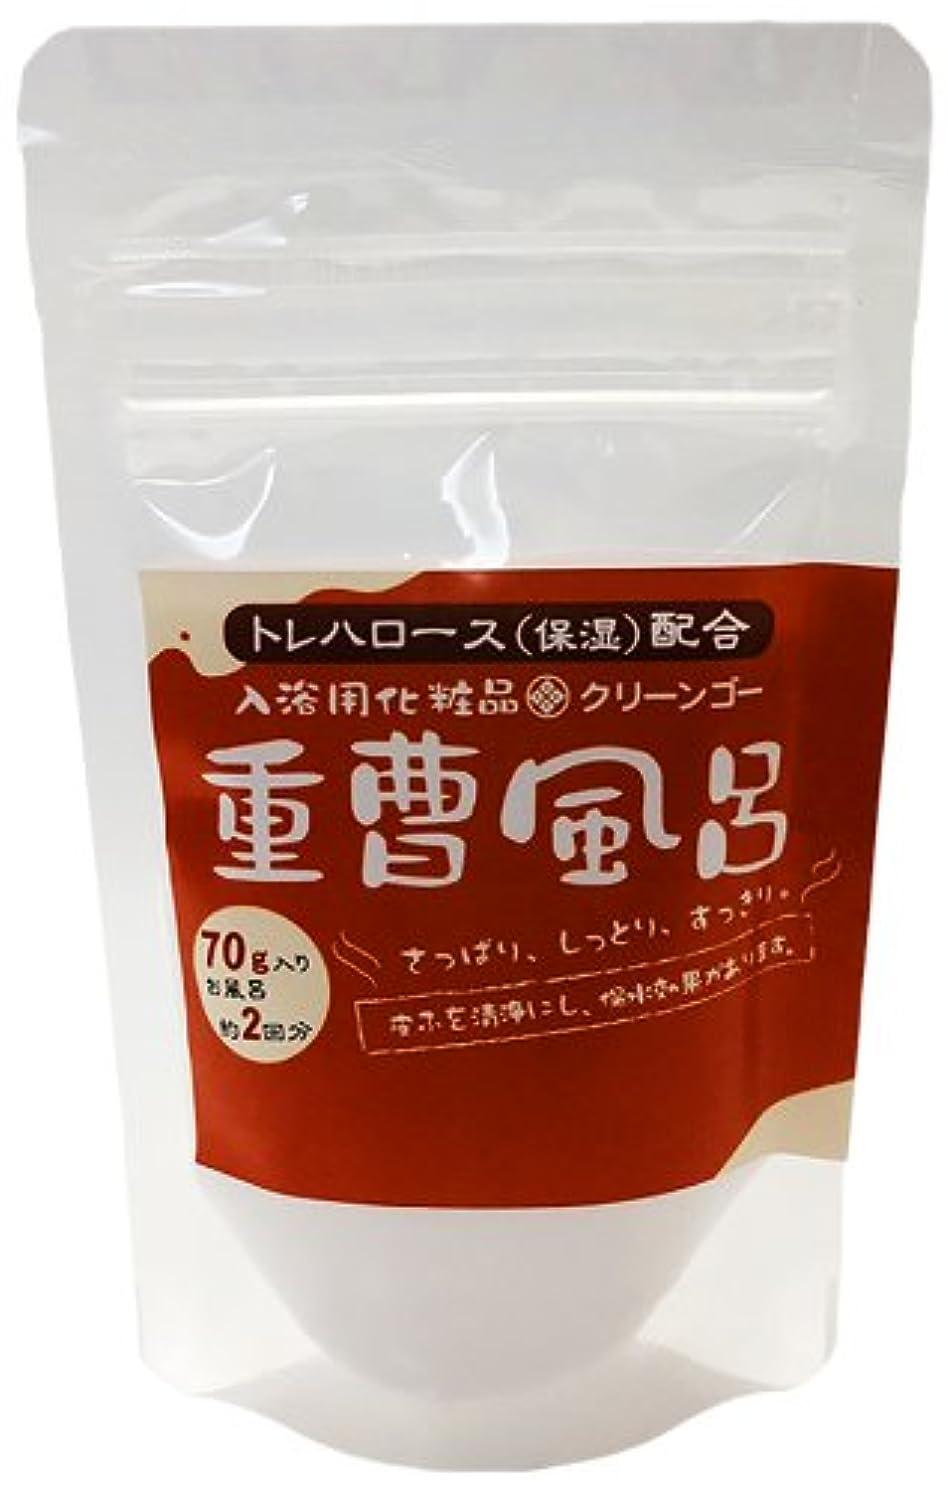 露骨な中性アダルト入浴用化粧品 「重曹風呂」 70g入り トレハロース(保湿)配合